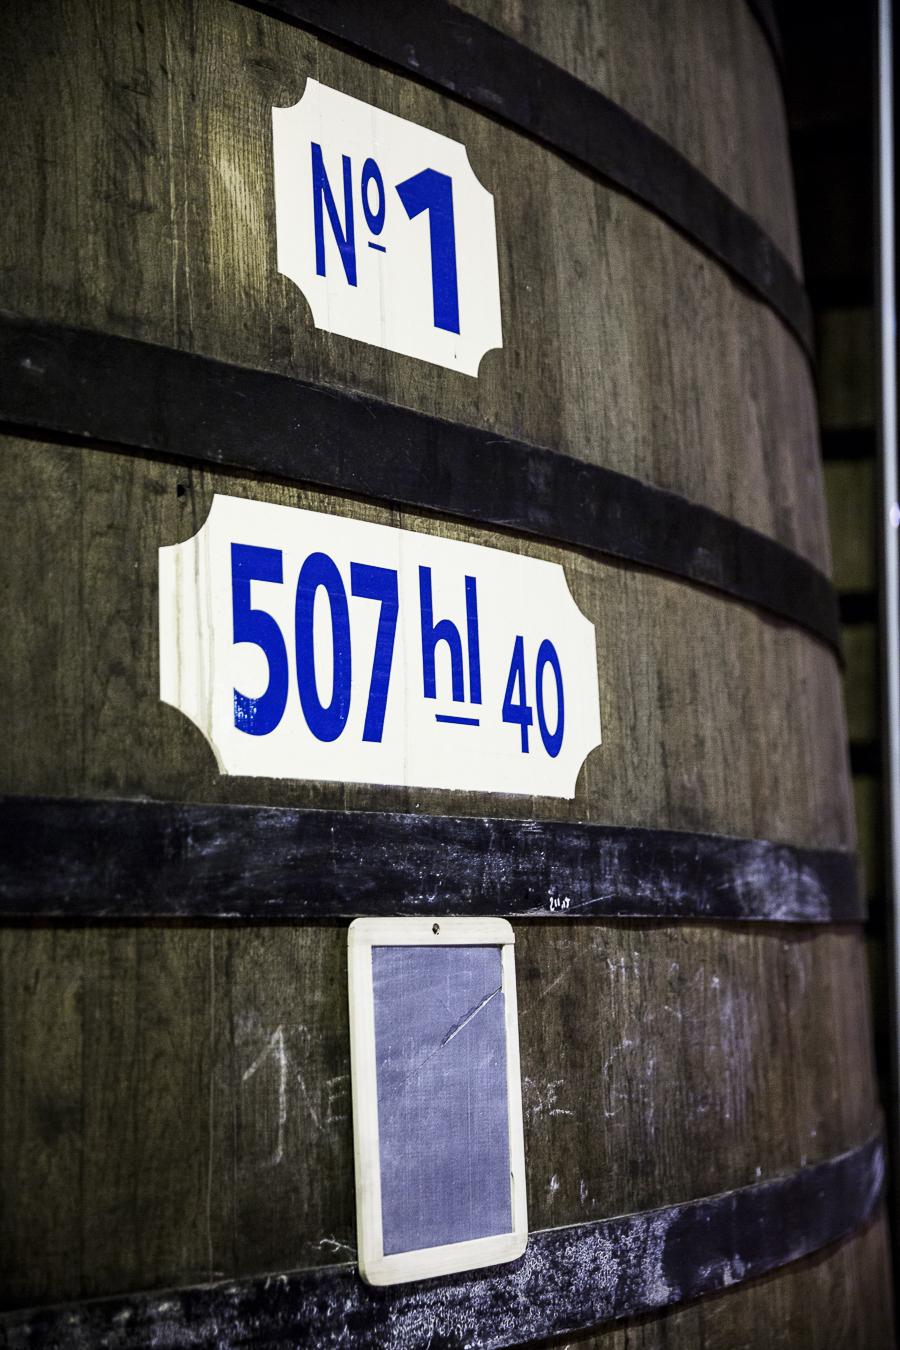 Martell_Distillerie_Janv2016_Cognac_Jerusalmi501